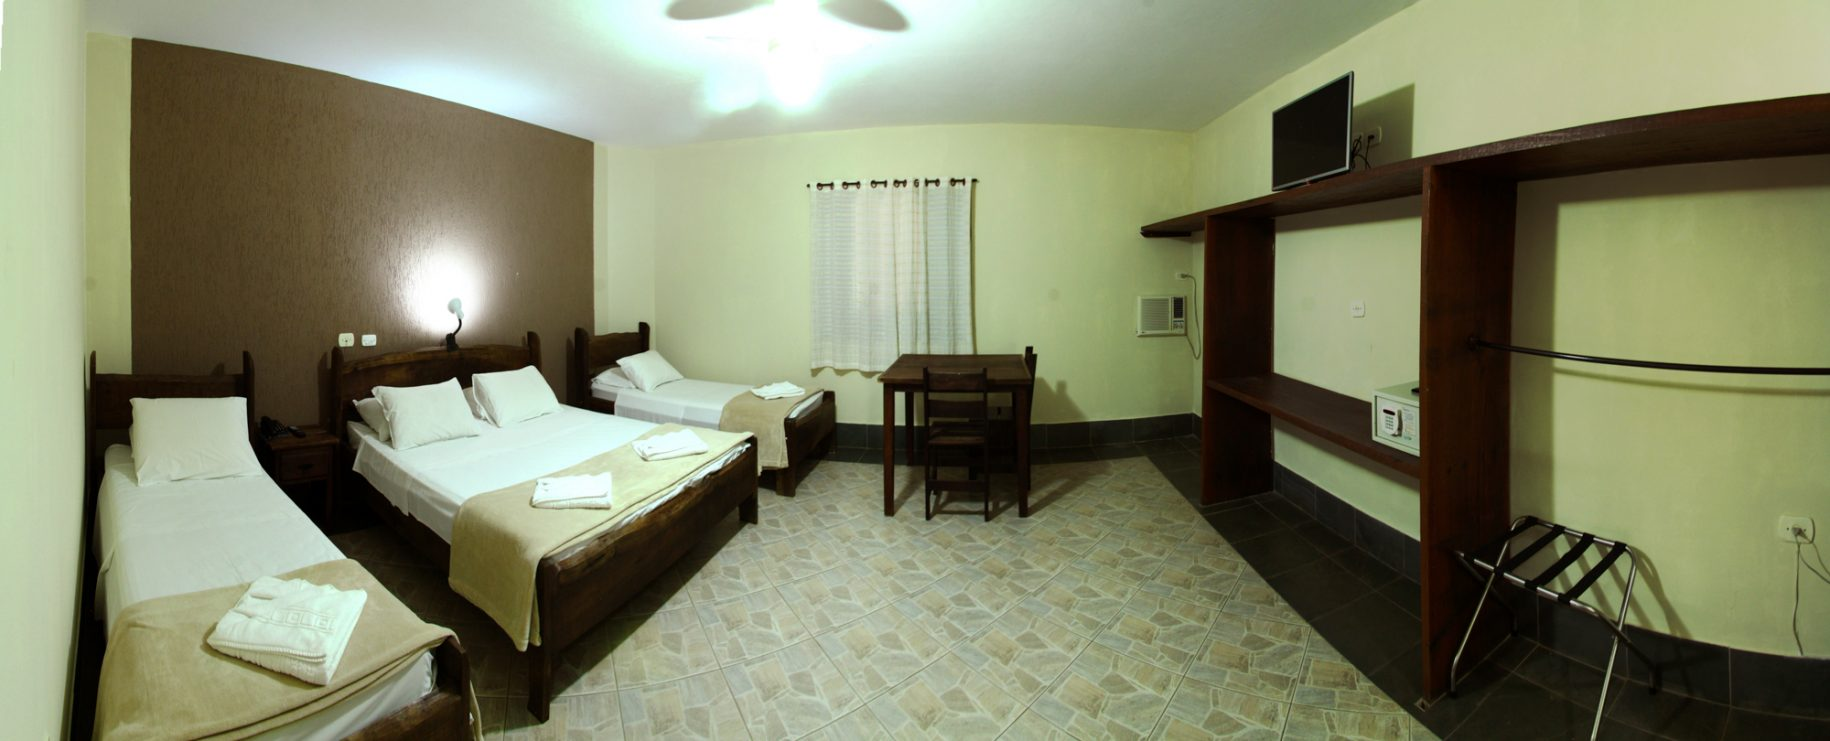 Quarto do chalé no hotel fazenda parque dos sonhos com cama de casal, duas camas de solteiro, mesa com cadeiras, ar condicionado quente e frio, tv de led, cofre e frigobar